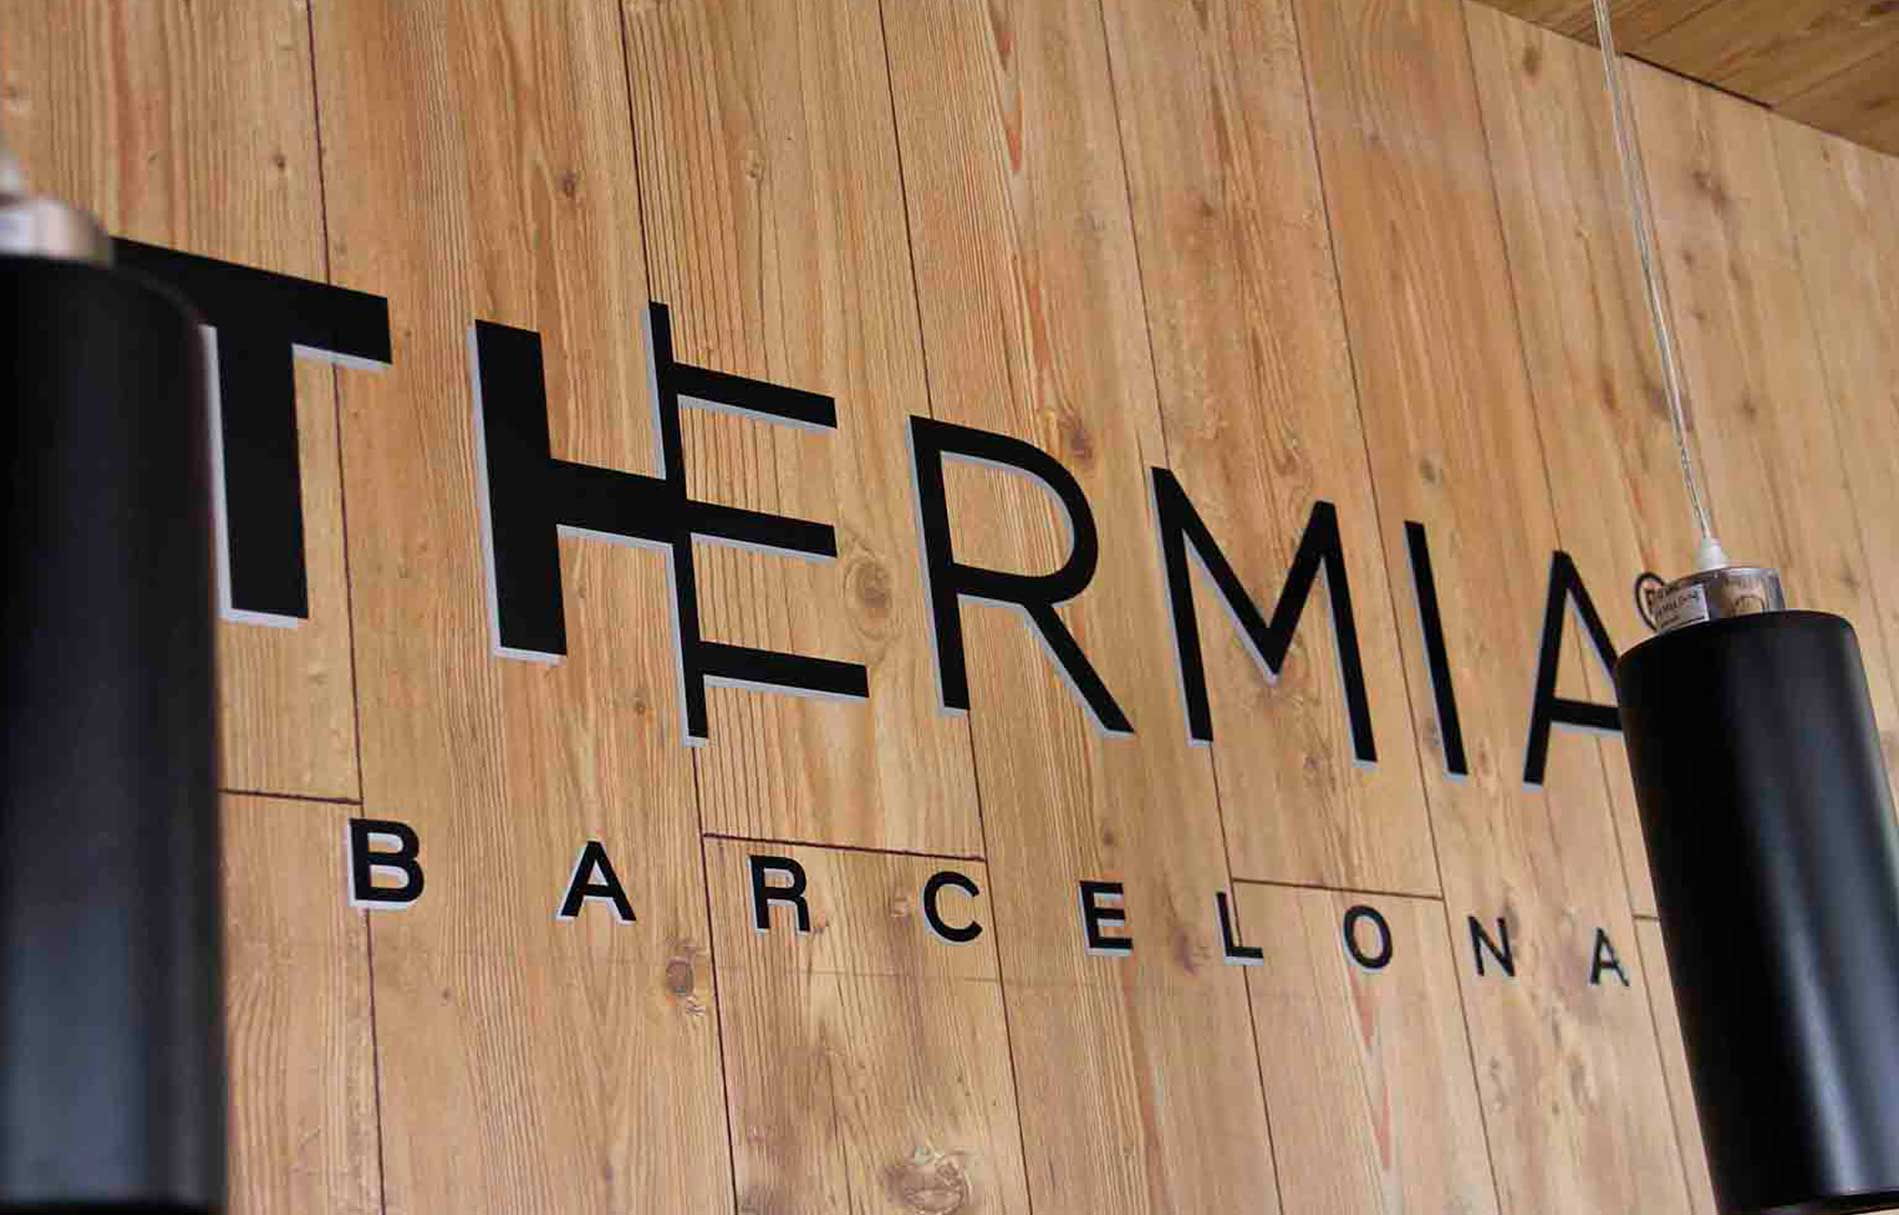 Showroom ventanas Thermia en Trujillo